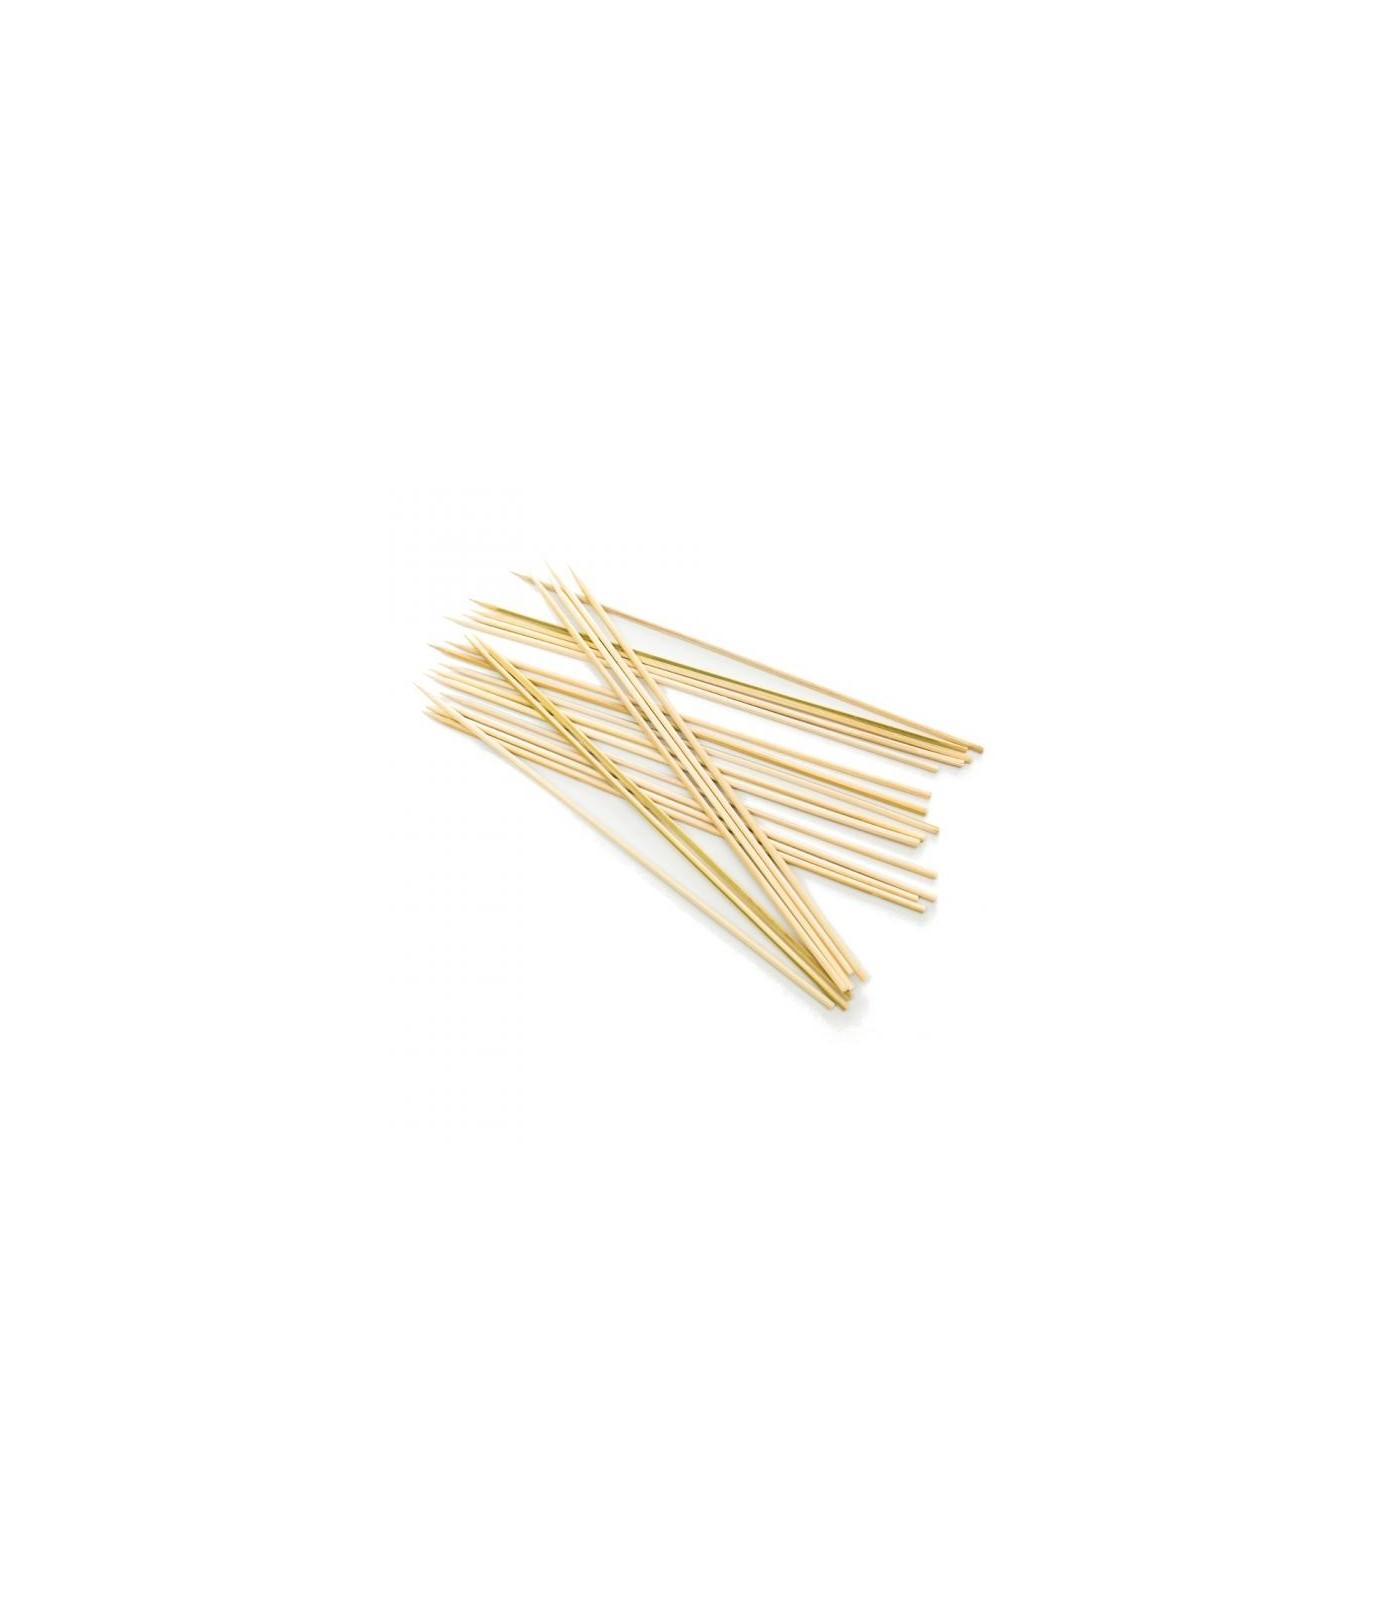 Bete bambus